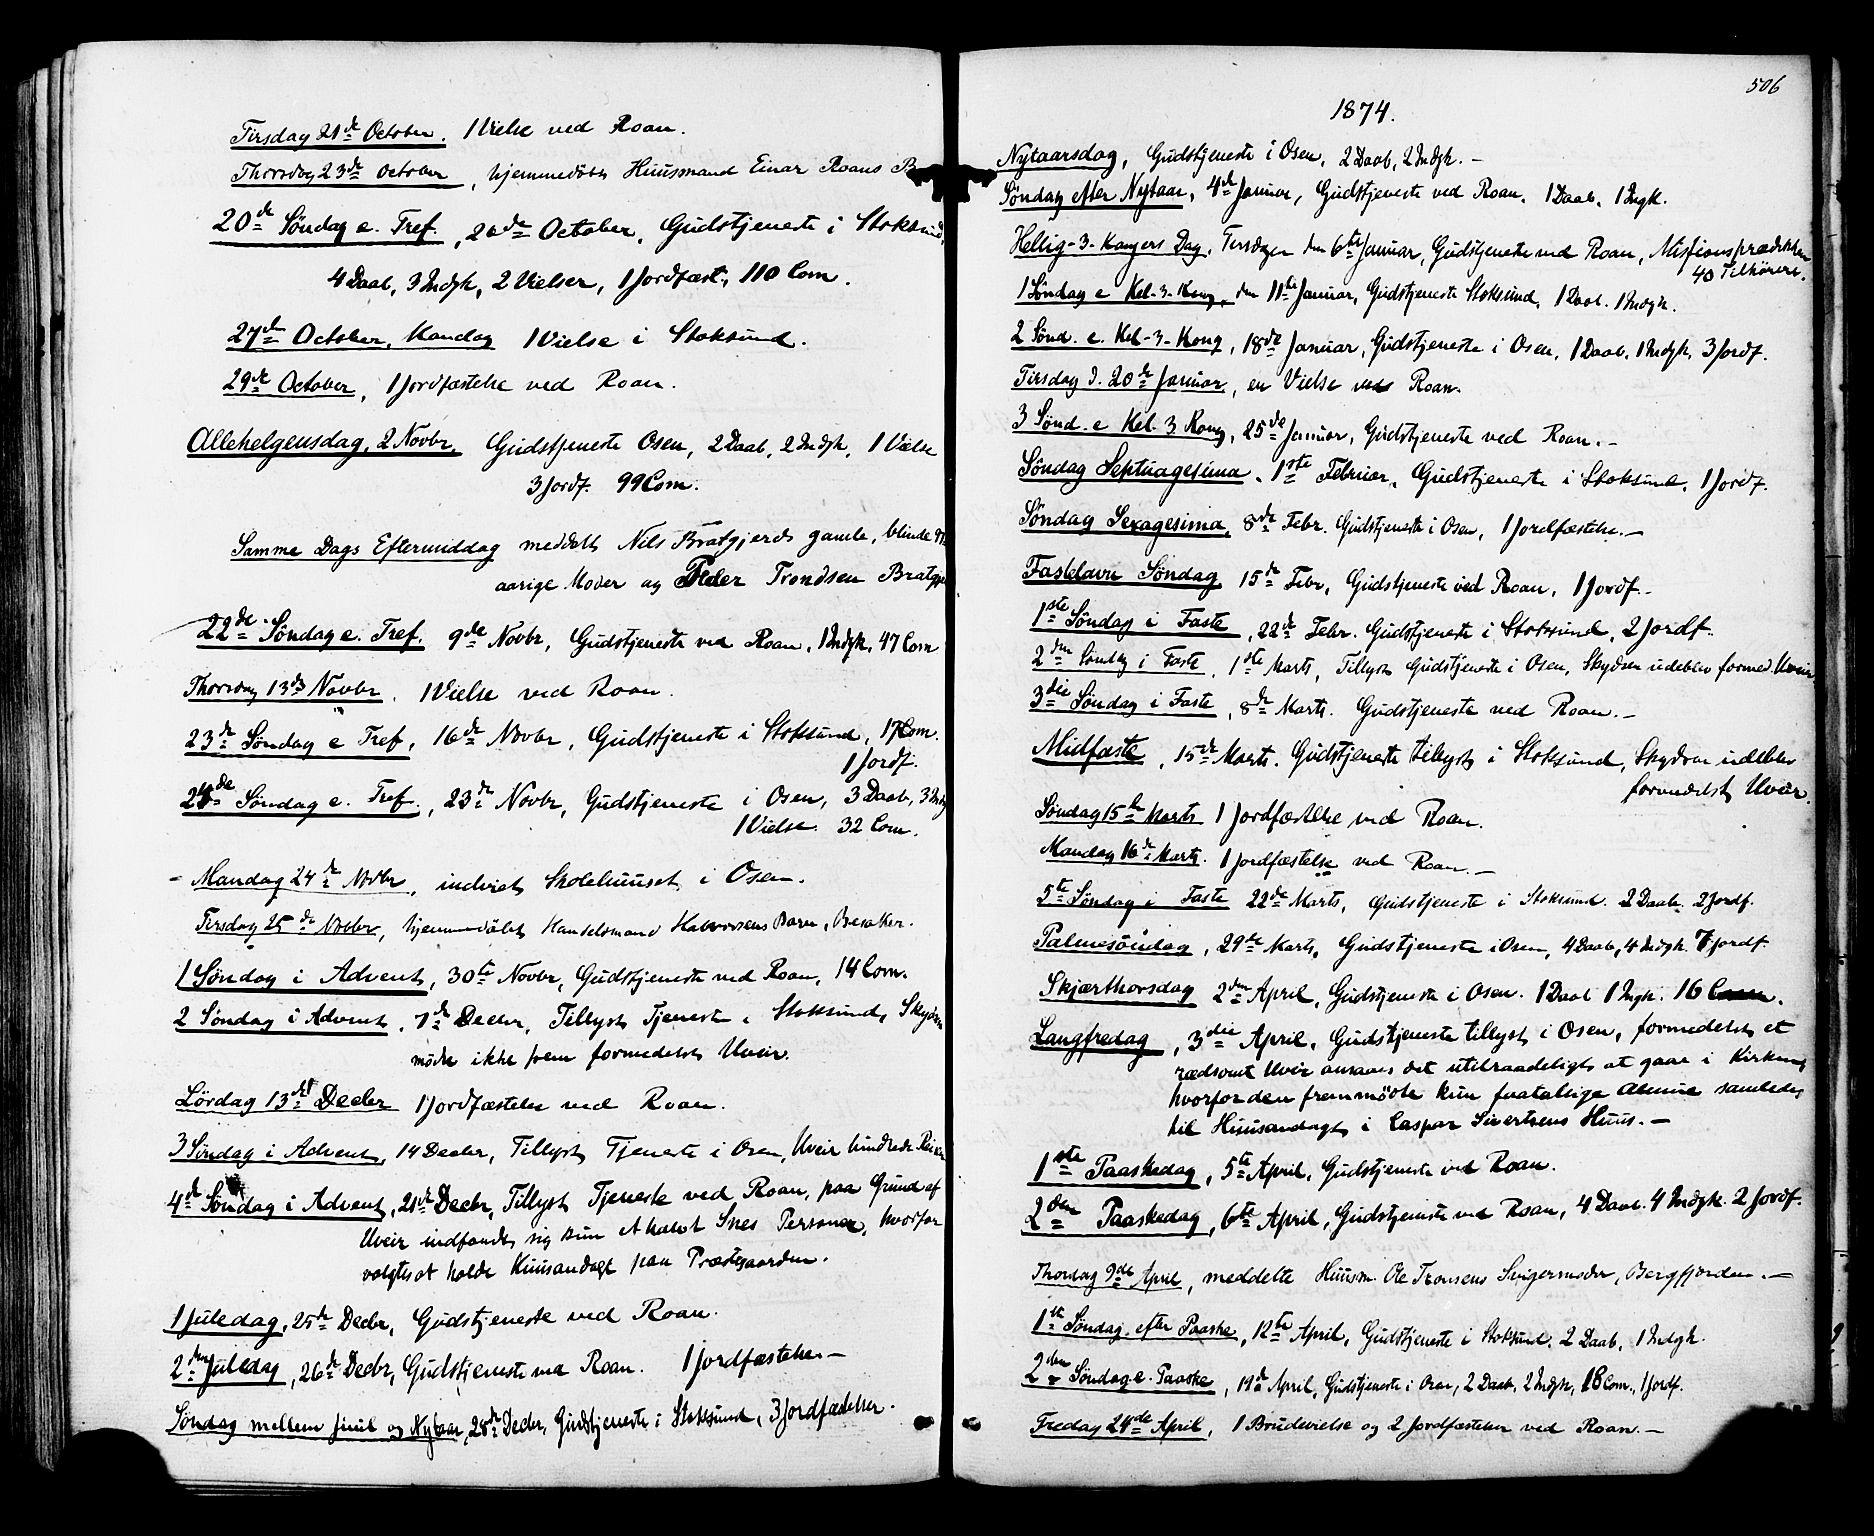 SAT, Ministerialprotokoller, klokkerbøker og fødselsregistre - Sør-Trøndelag, 657/L0706: Ministerialbok nr. 657A07, 1867-1878, s. 506